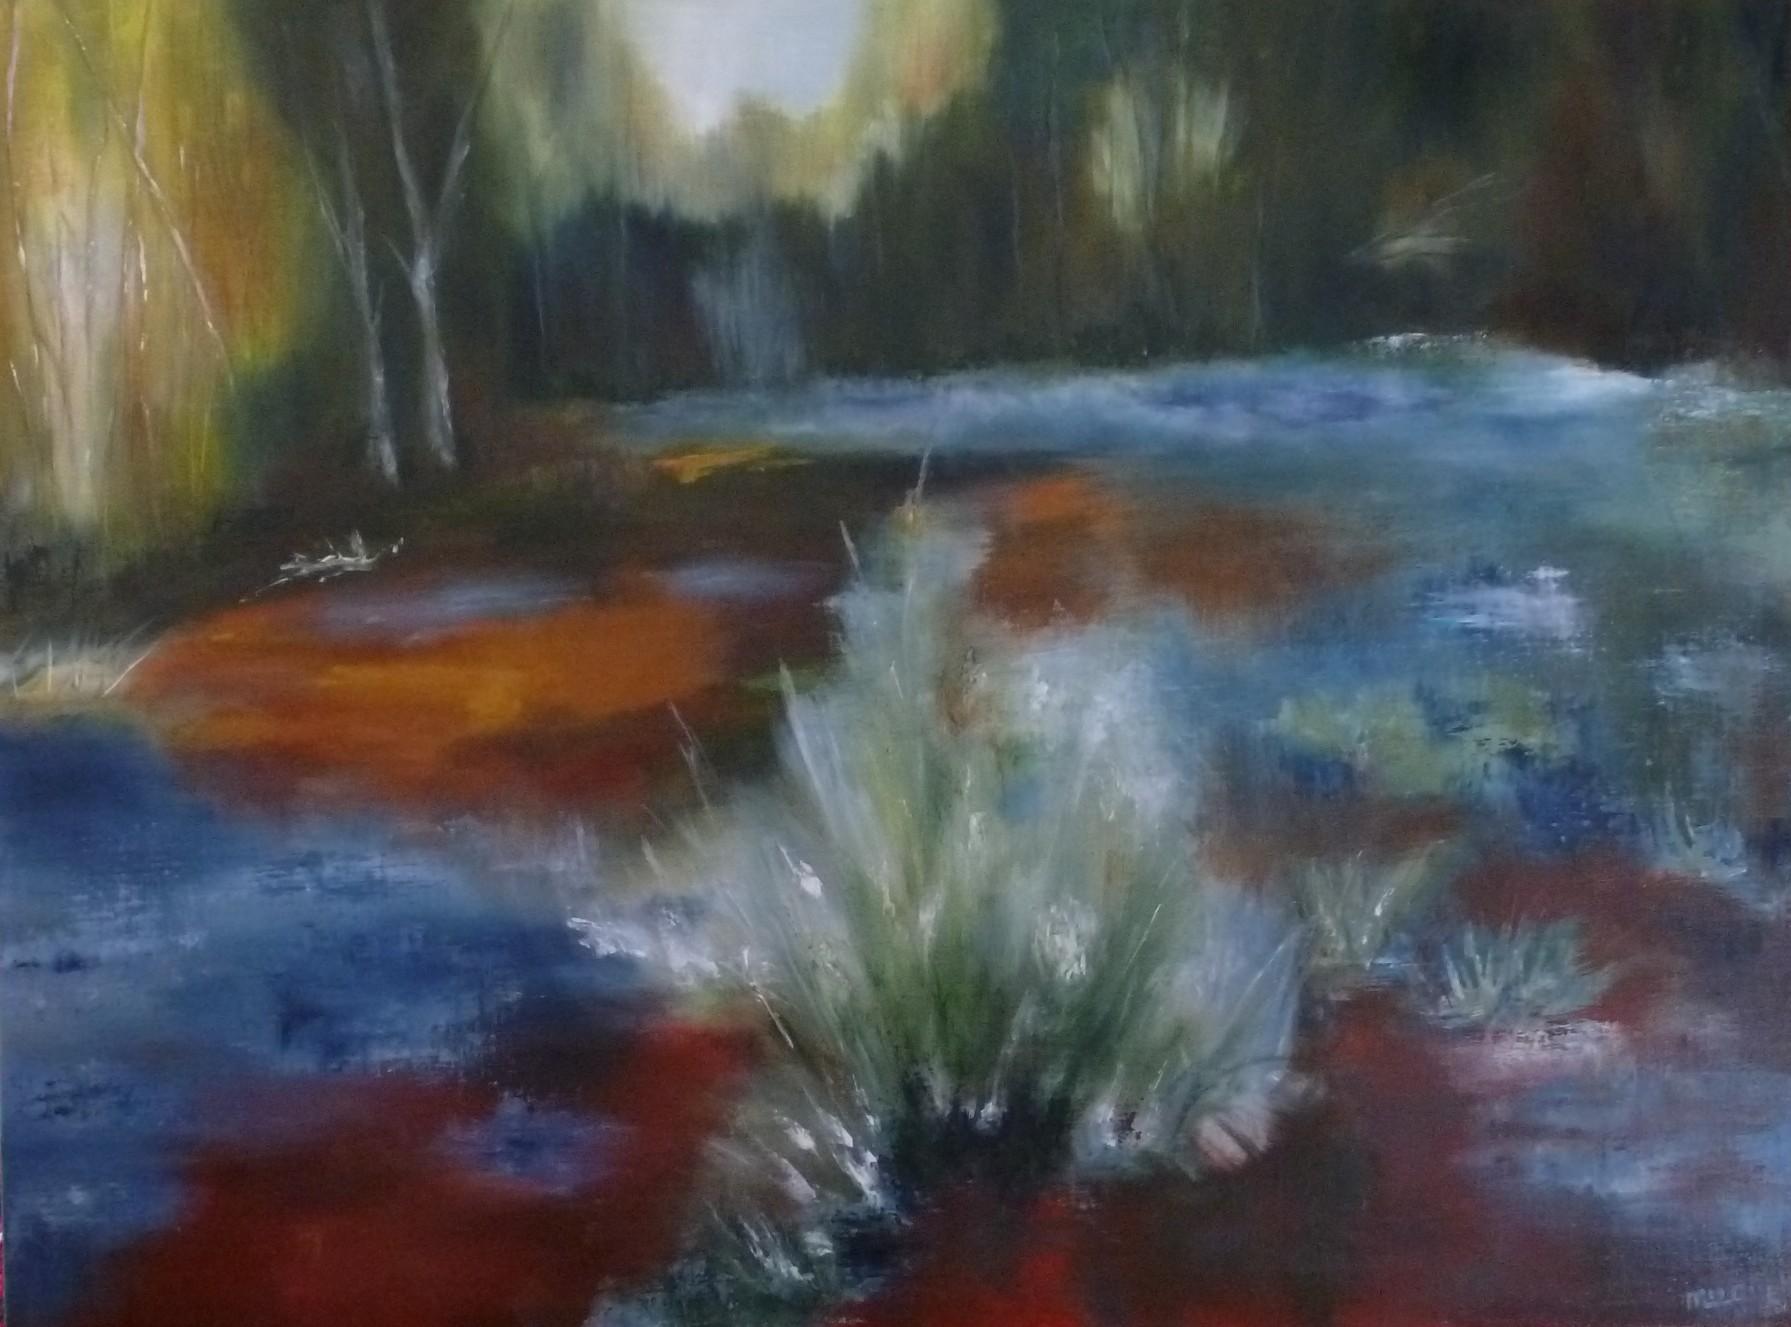 Dans la forêt de Fontainebleau, près de Bourron-Marlotte, une mare où dansaient les fées, la nuit tombée. Un lieu magique.